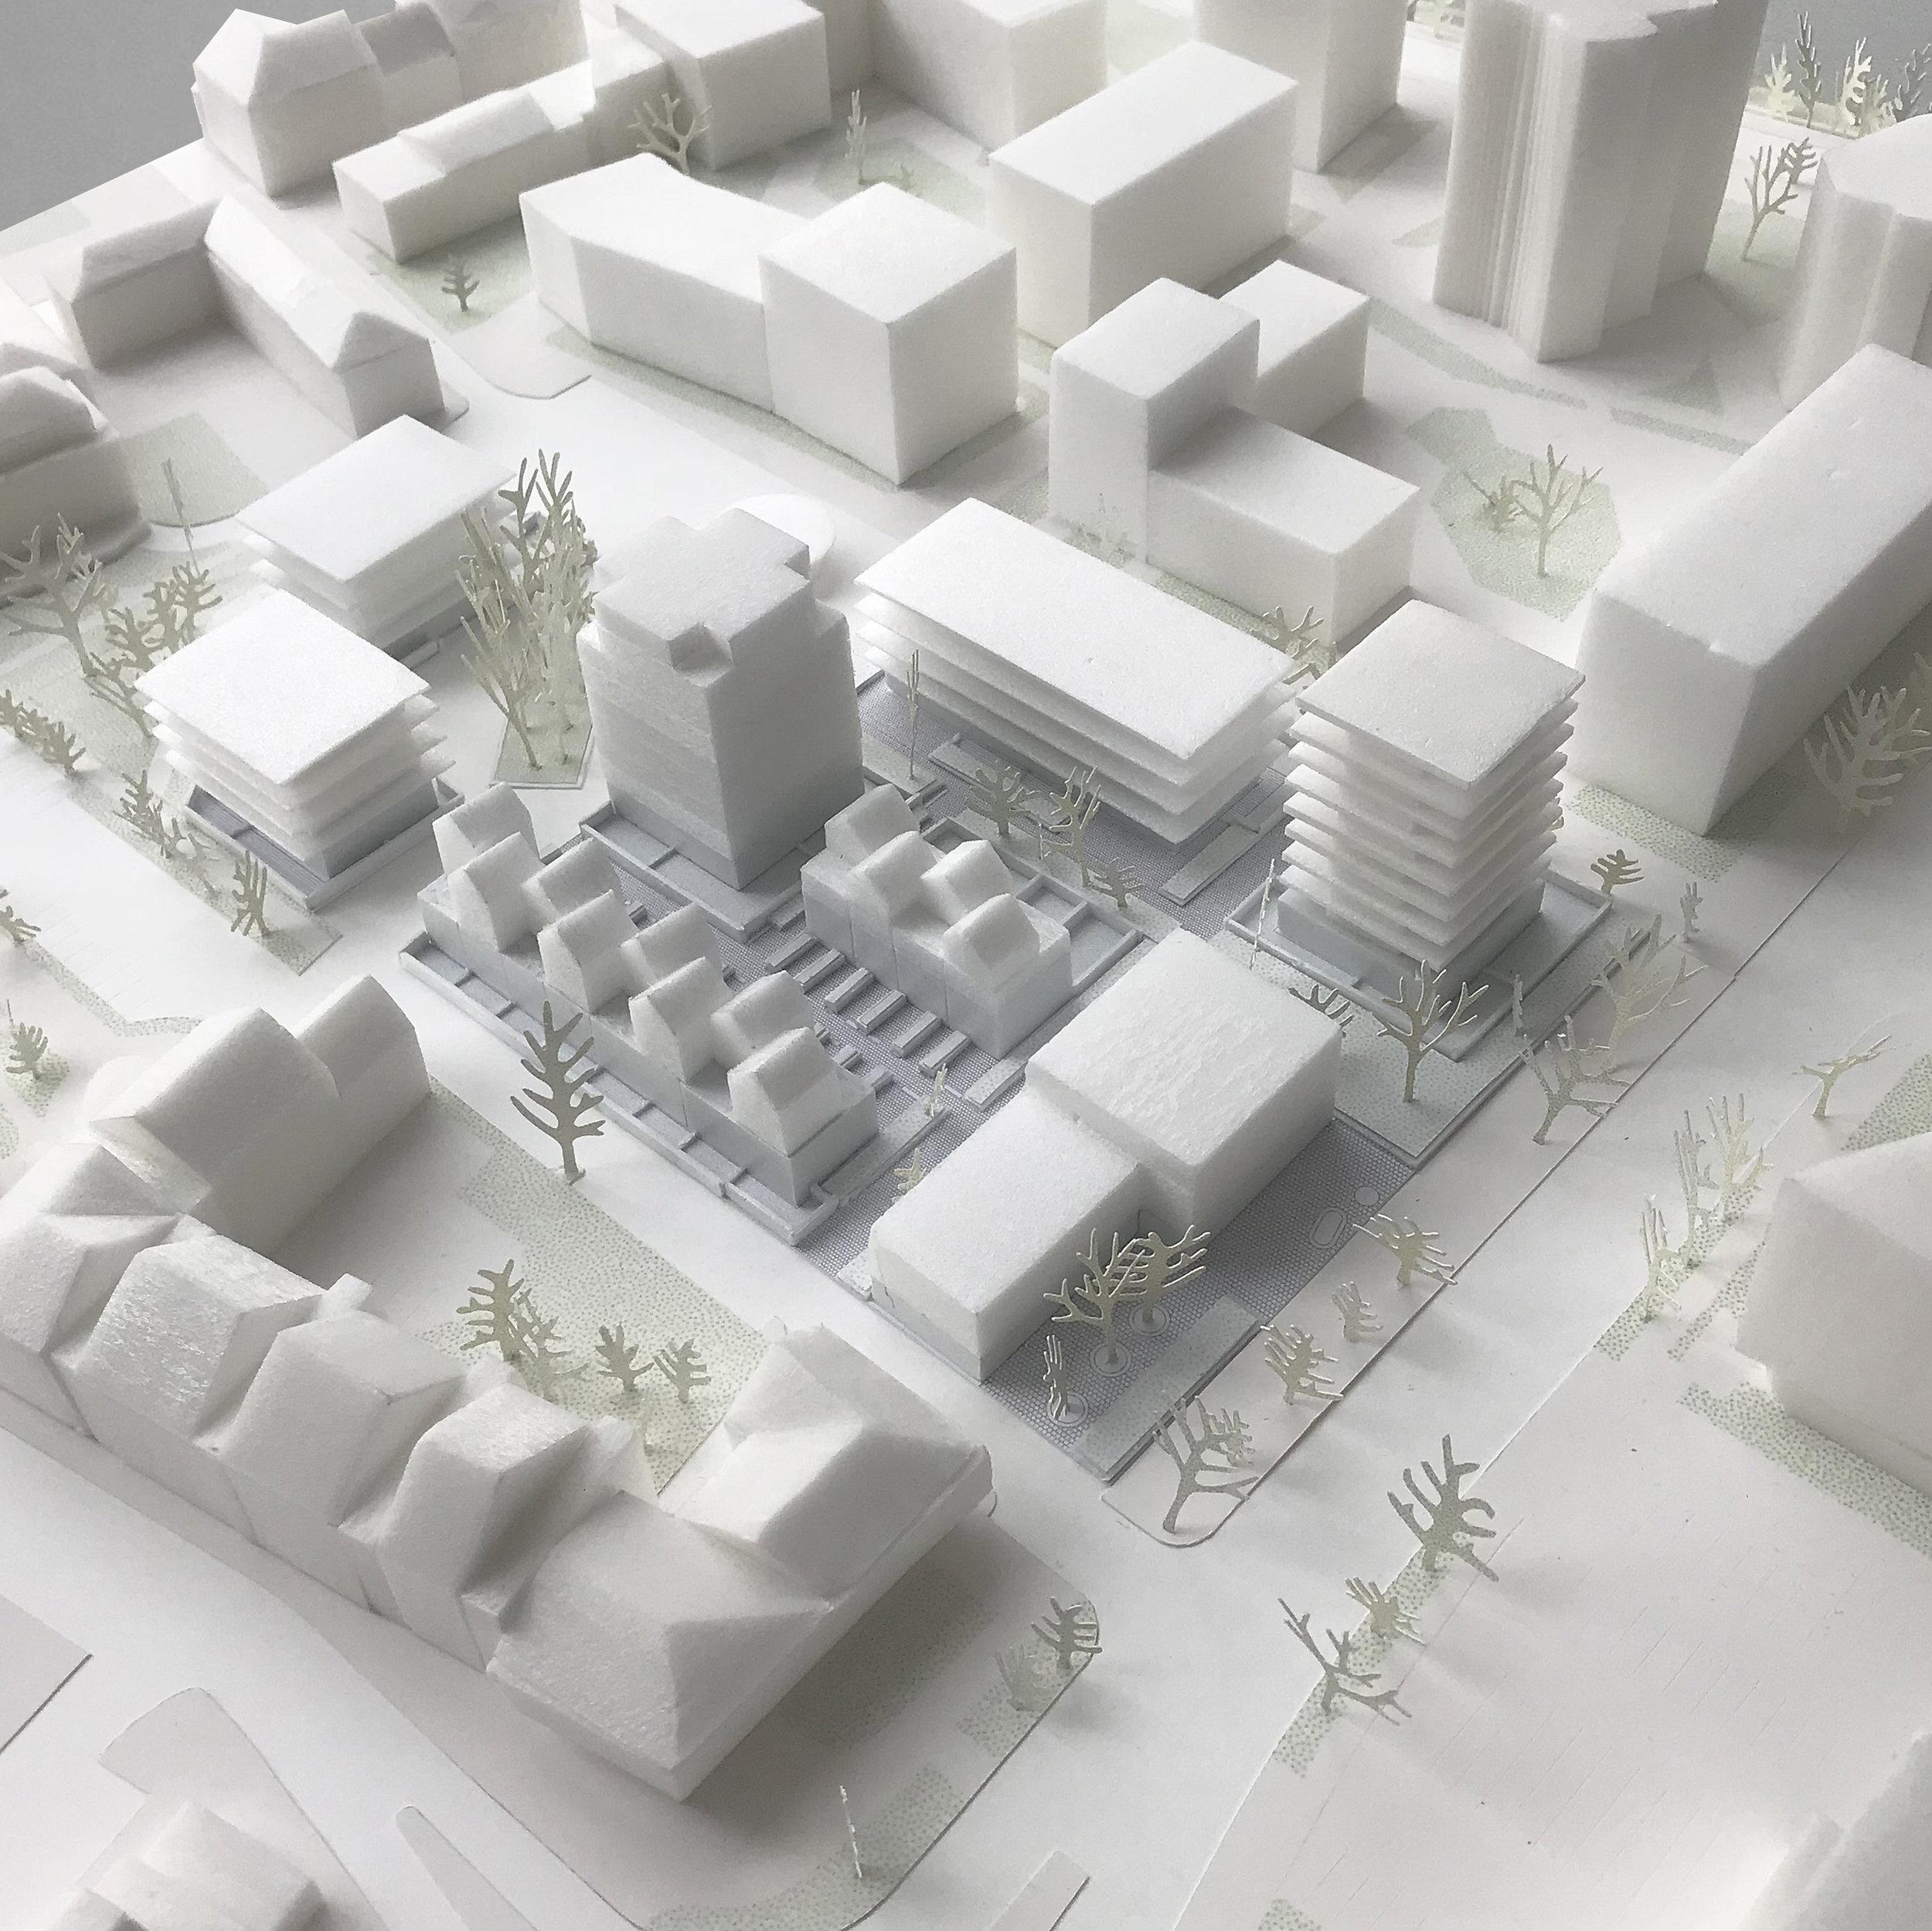 Concours, 150 logements, Iles de Nantes - Des images du concours pour la transformation de l'ïlot Bagan sur l'île de Nantes en 150 logements + bureaux pour ARC Promotion, réalisé en co-conception avec l'agence Echelle Office.